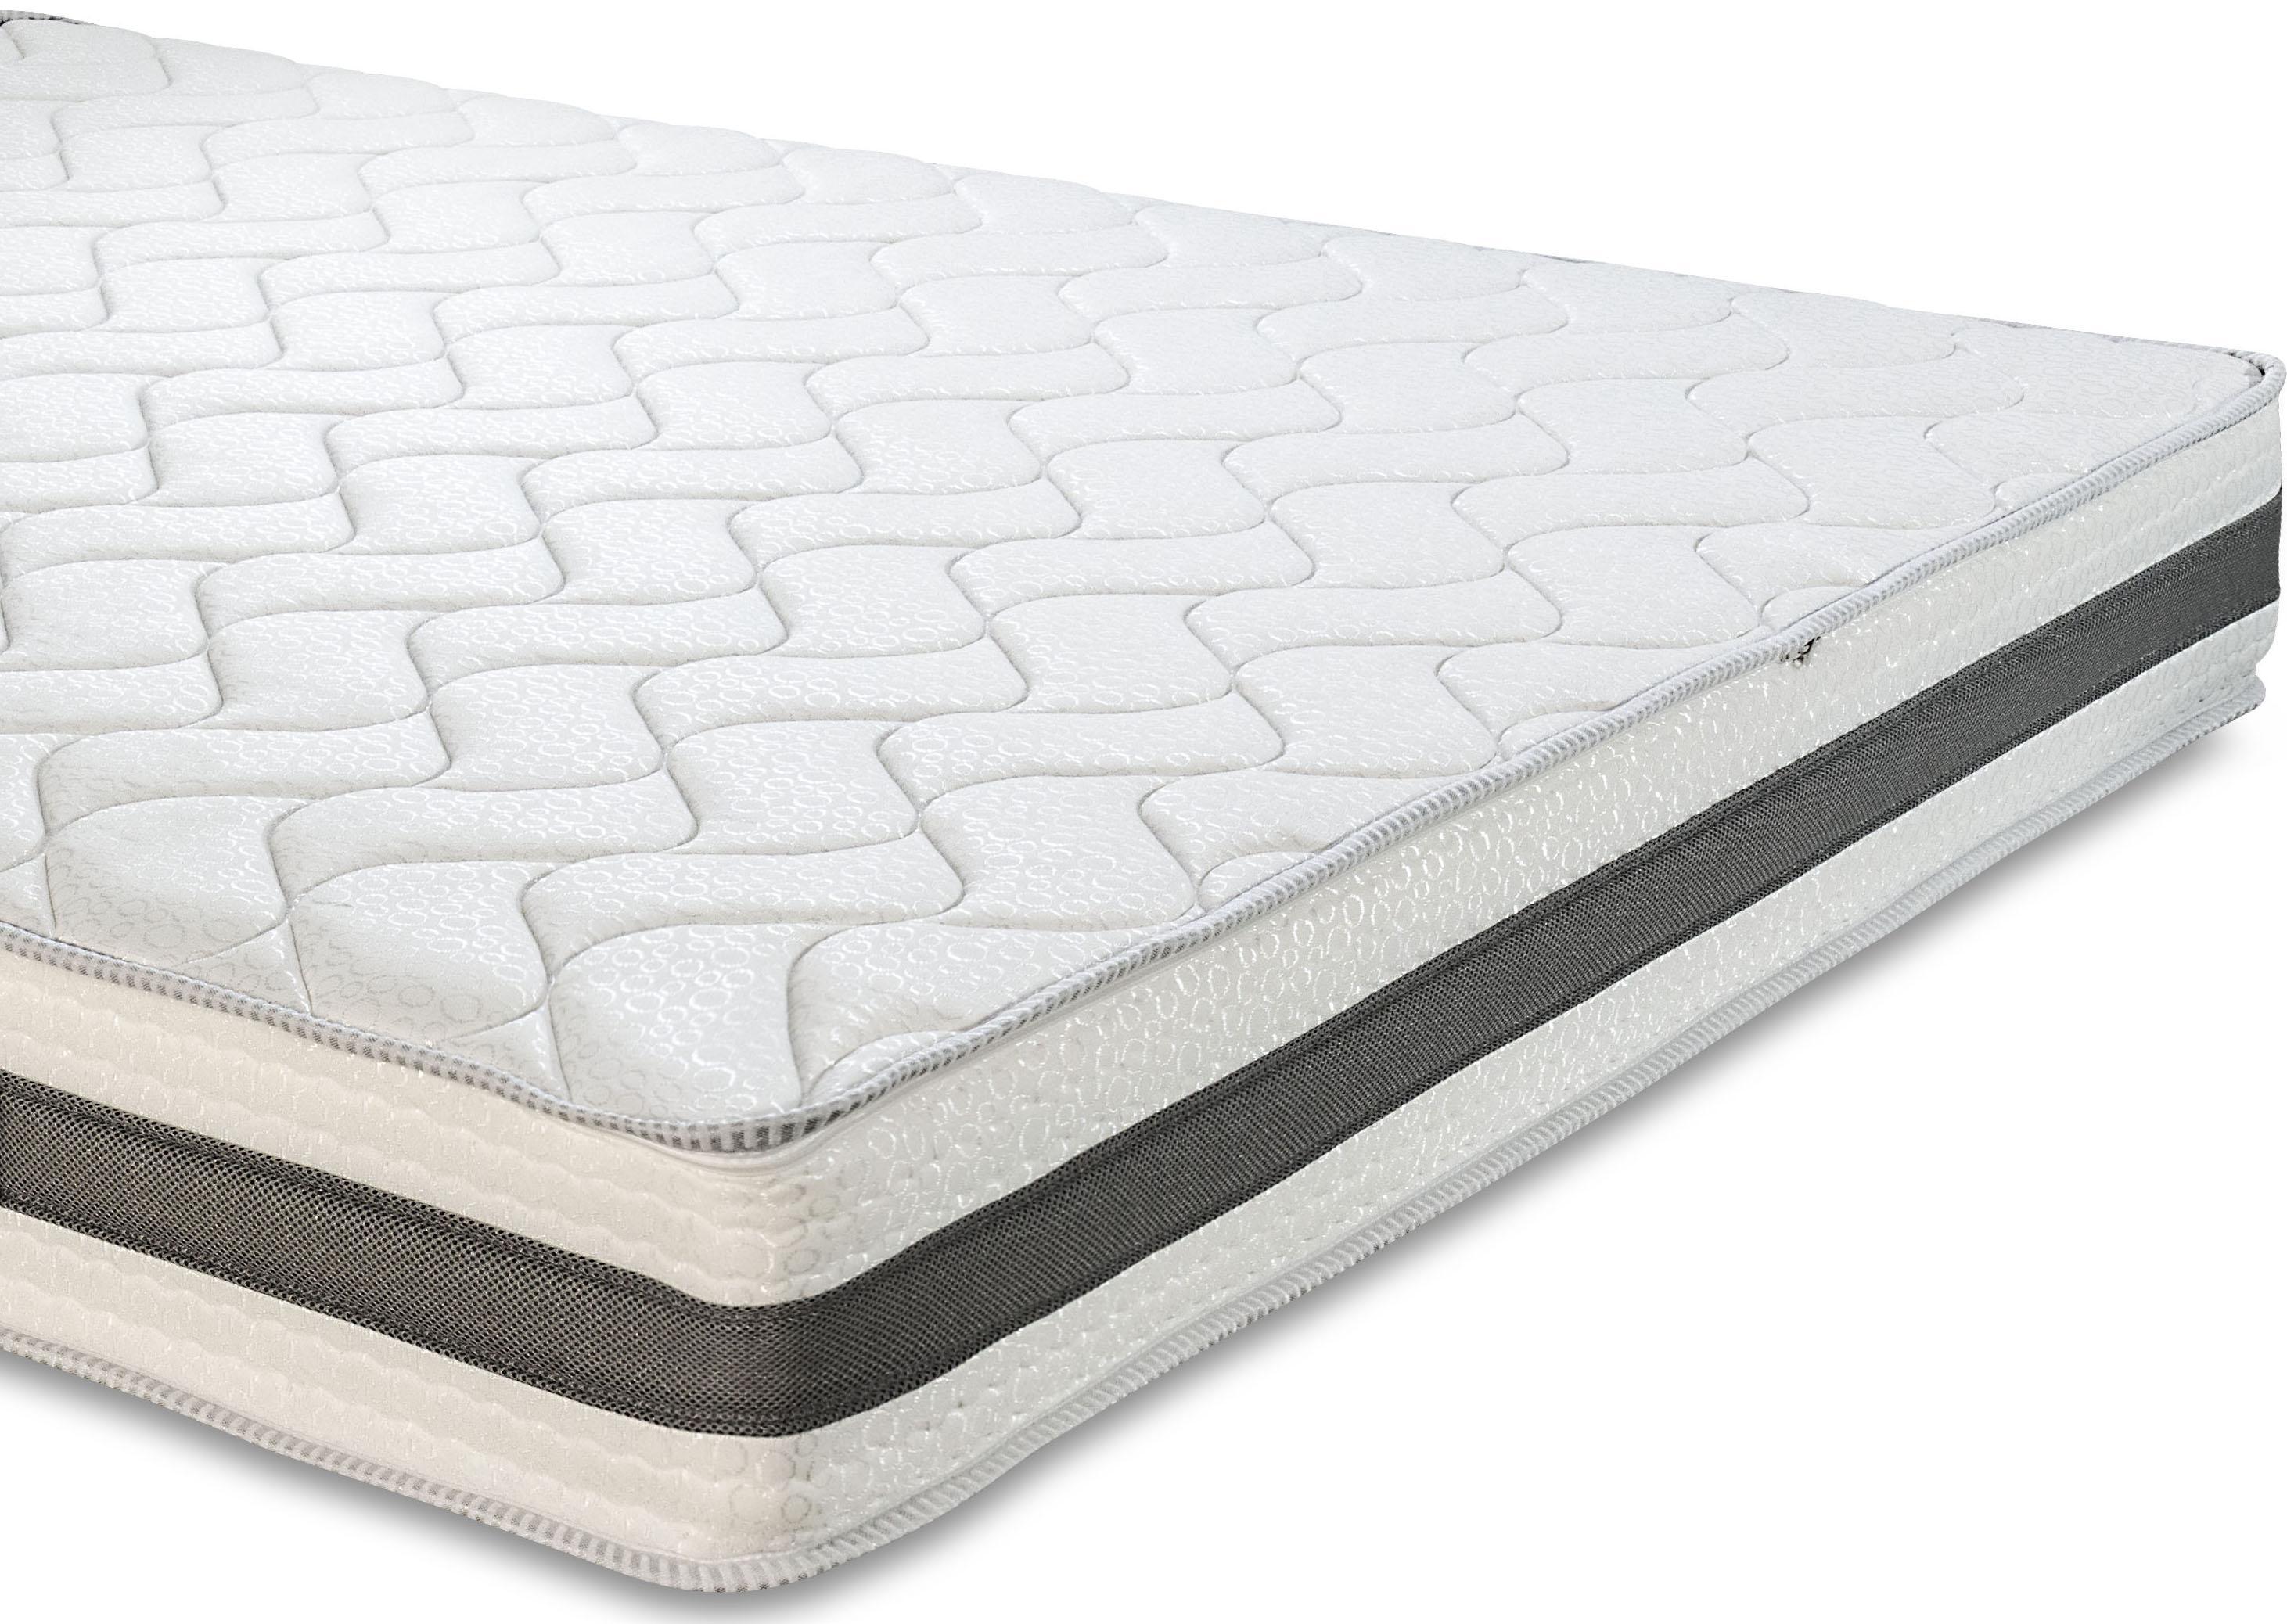 matelas mousse orthop dique h22 cm mare ebay. Black Bedroom Furniture Sets. Home Design Ideas